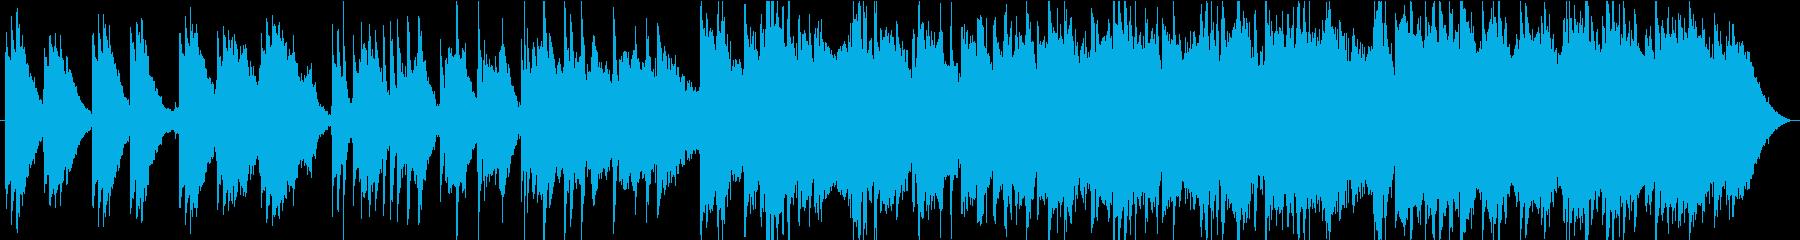 温かいエレピとピアノの癒し系BGMの再生済みの波形